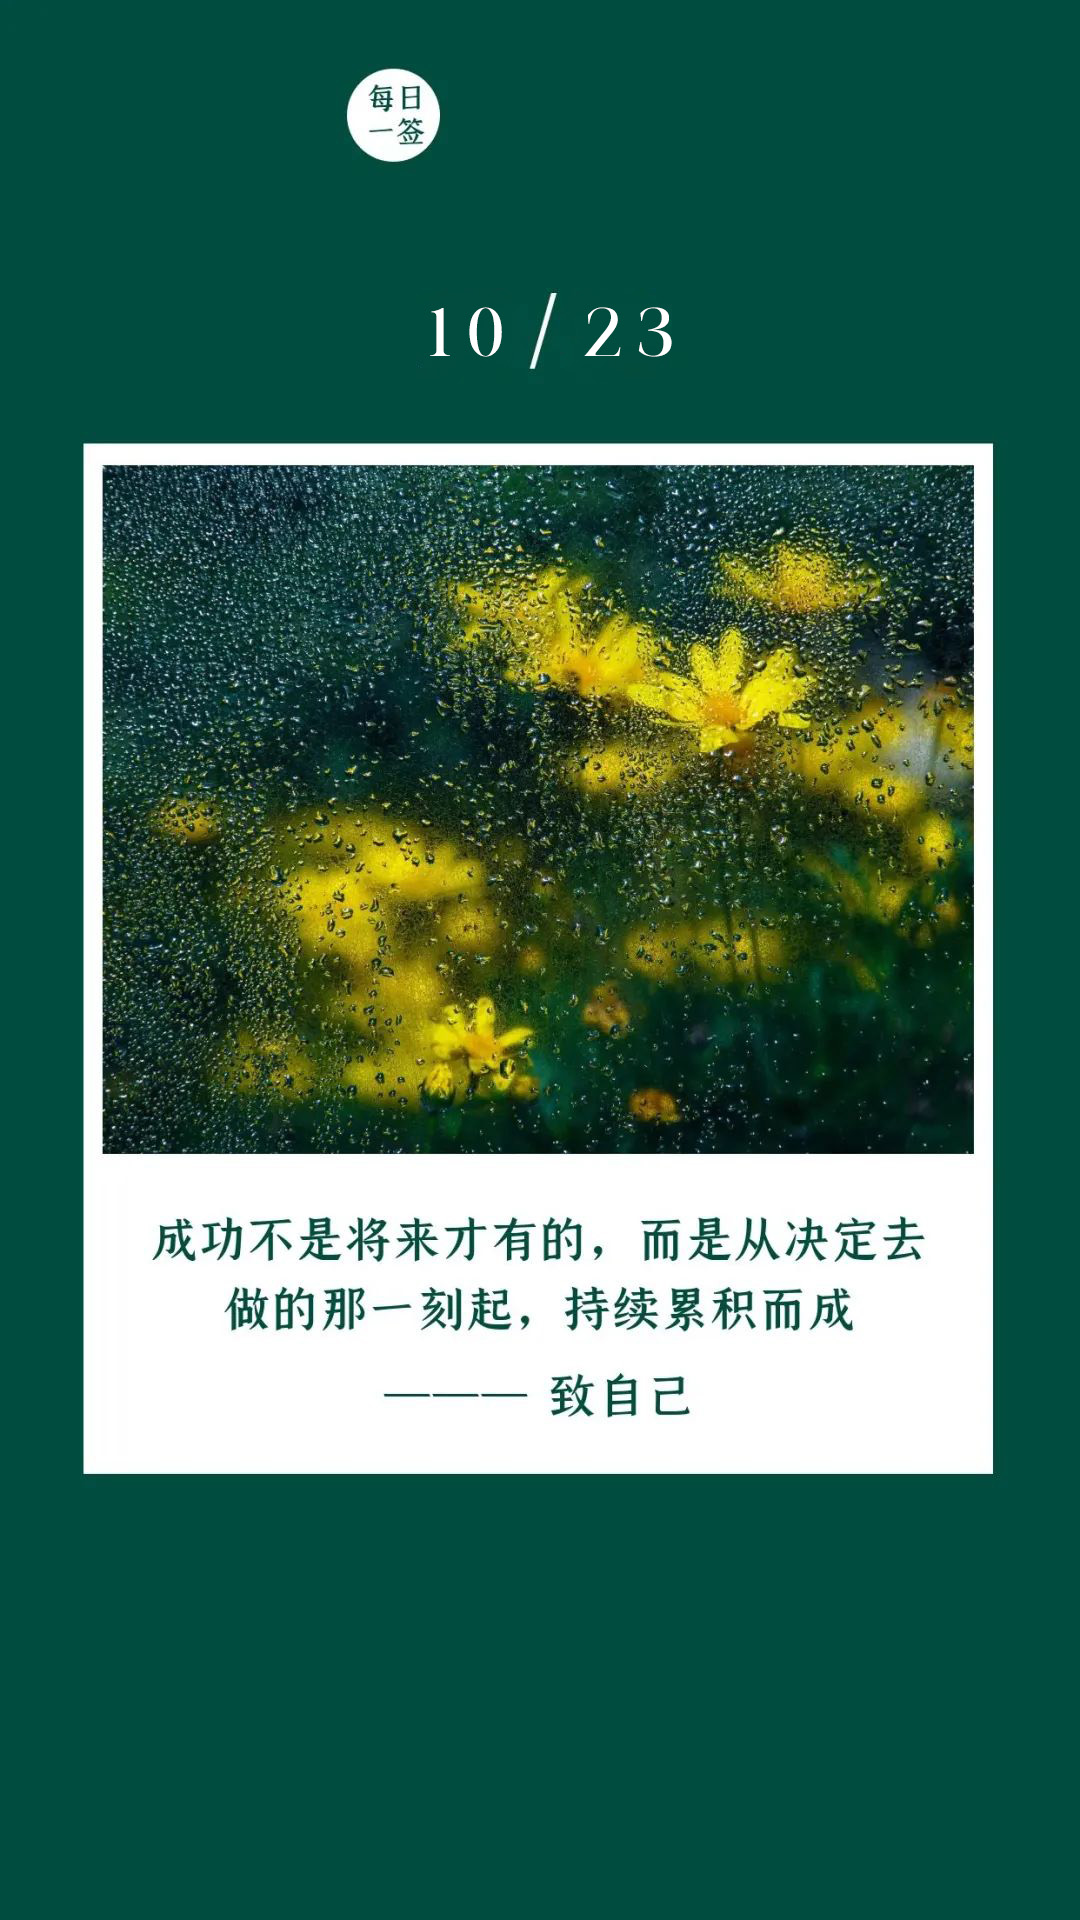 周五早上好励志阳光问候语带图:如果只是向往,远方依旧只是远方